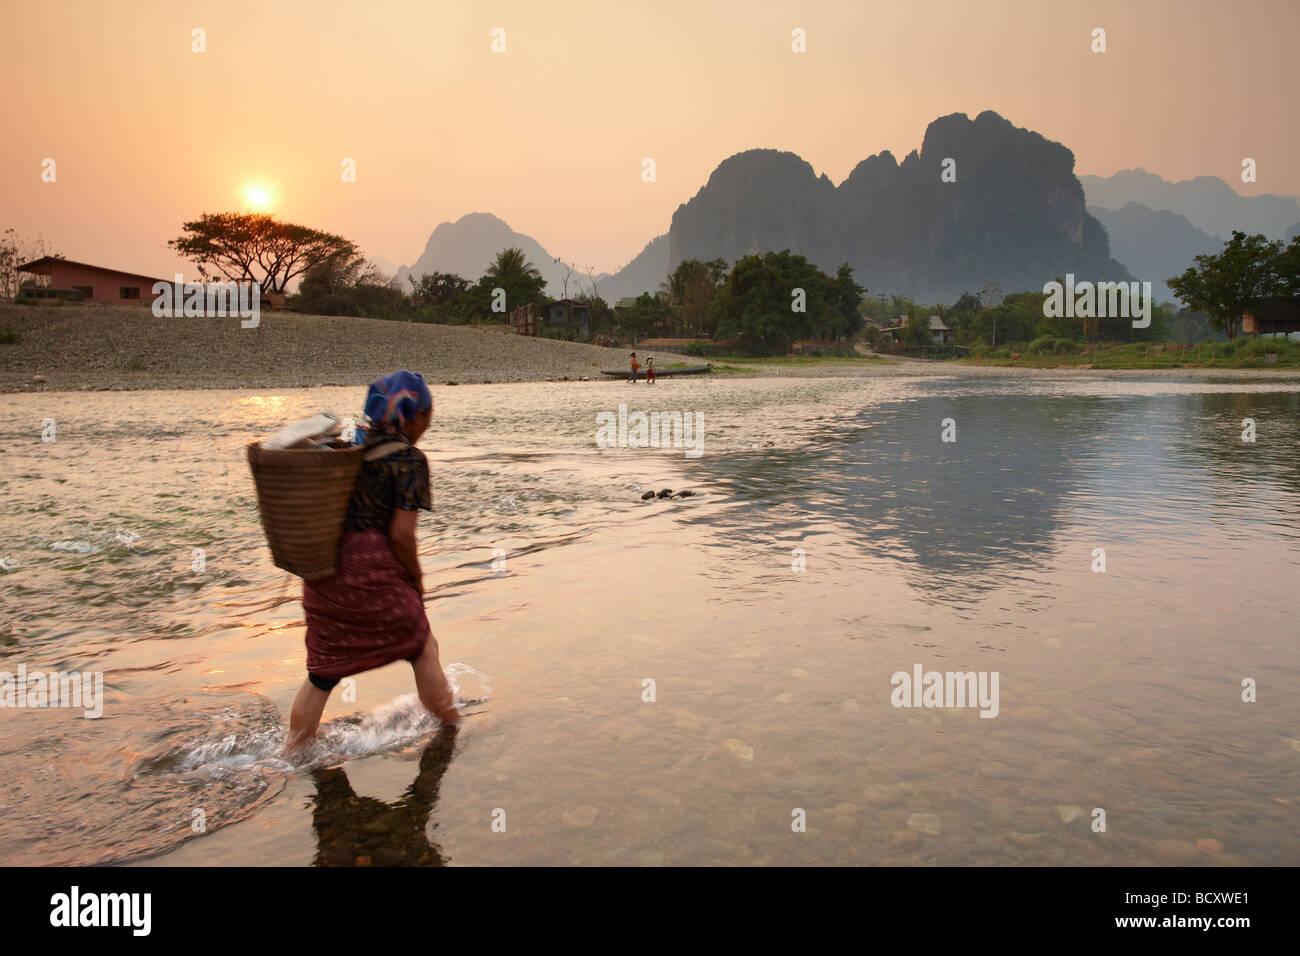 a woman fording the Nam Song River at Vang Vieng, Laos - Stock Image